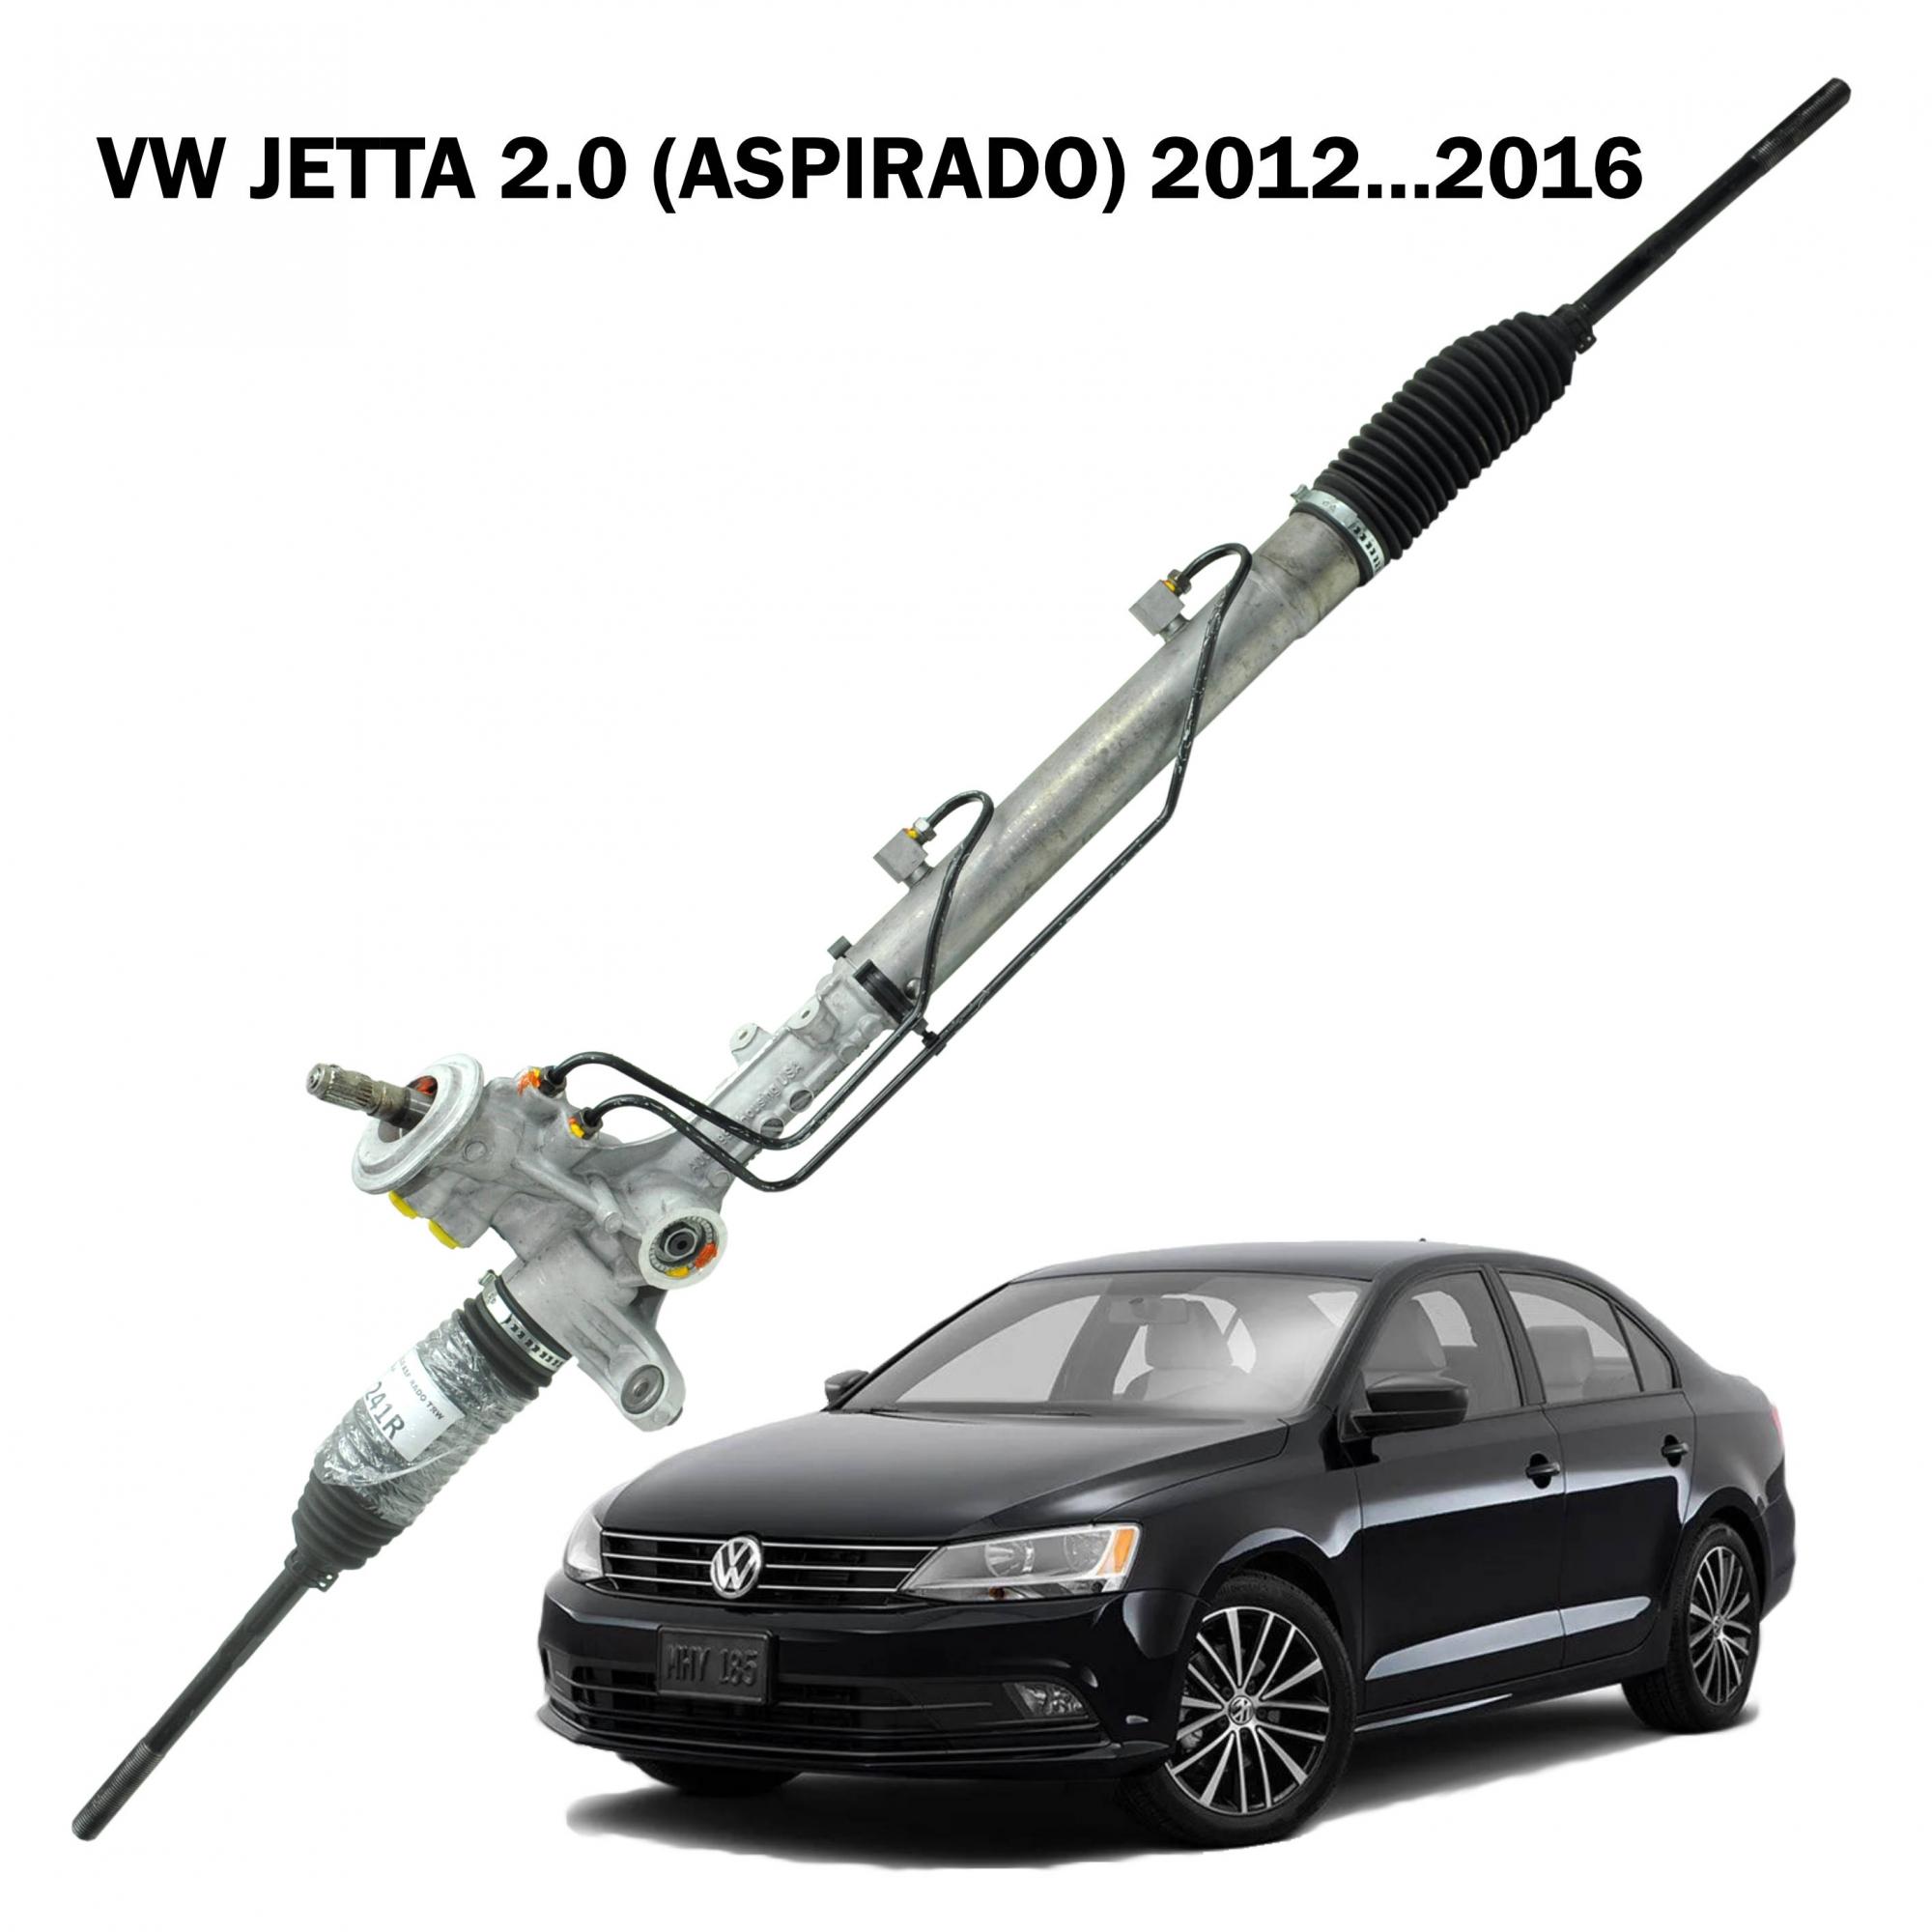 Caixa Direção Hidráulica TRW Jetta 2.0 (aspirado) 2012...2016